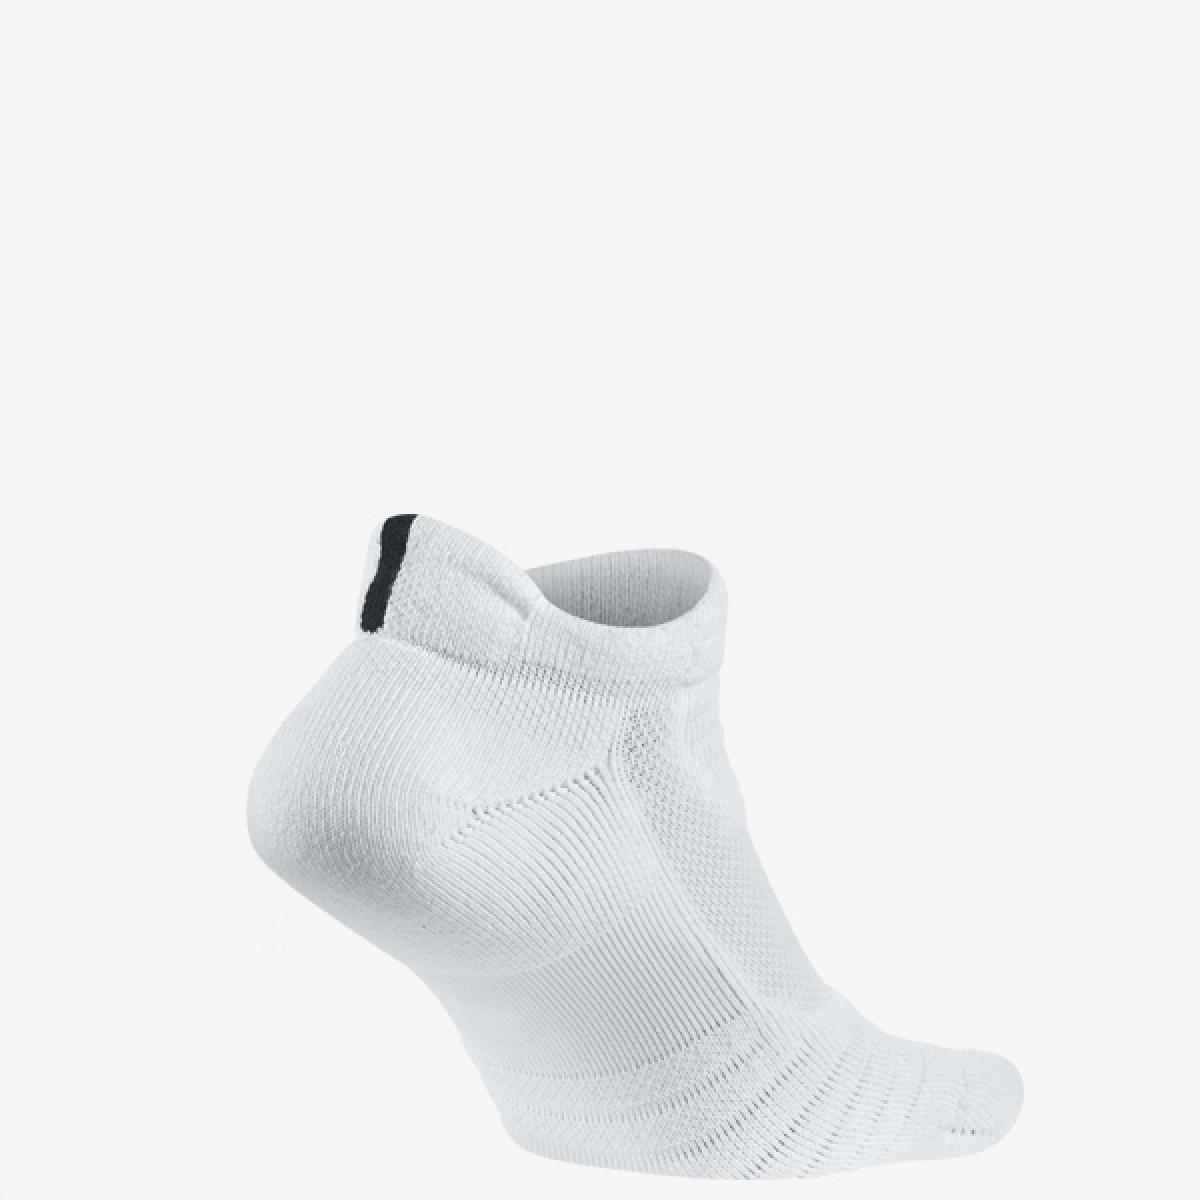 Nike Elite Versatility Low 'White/Black'